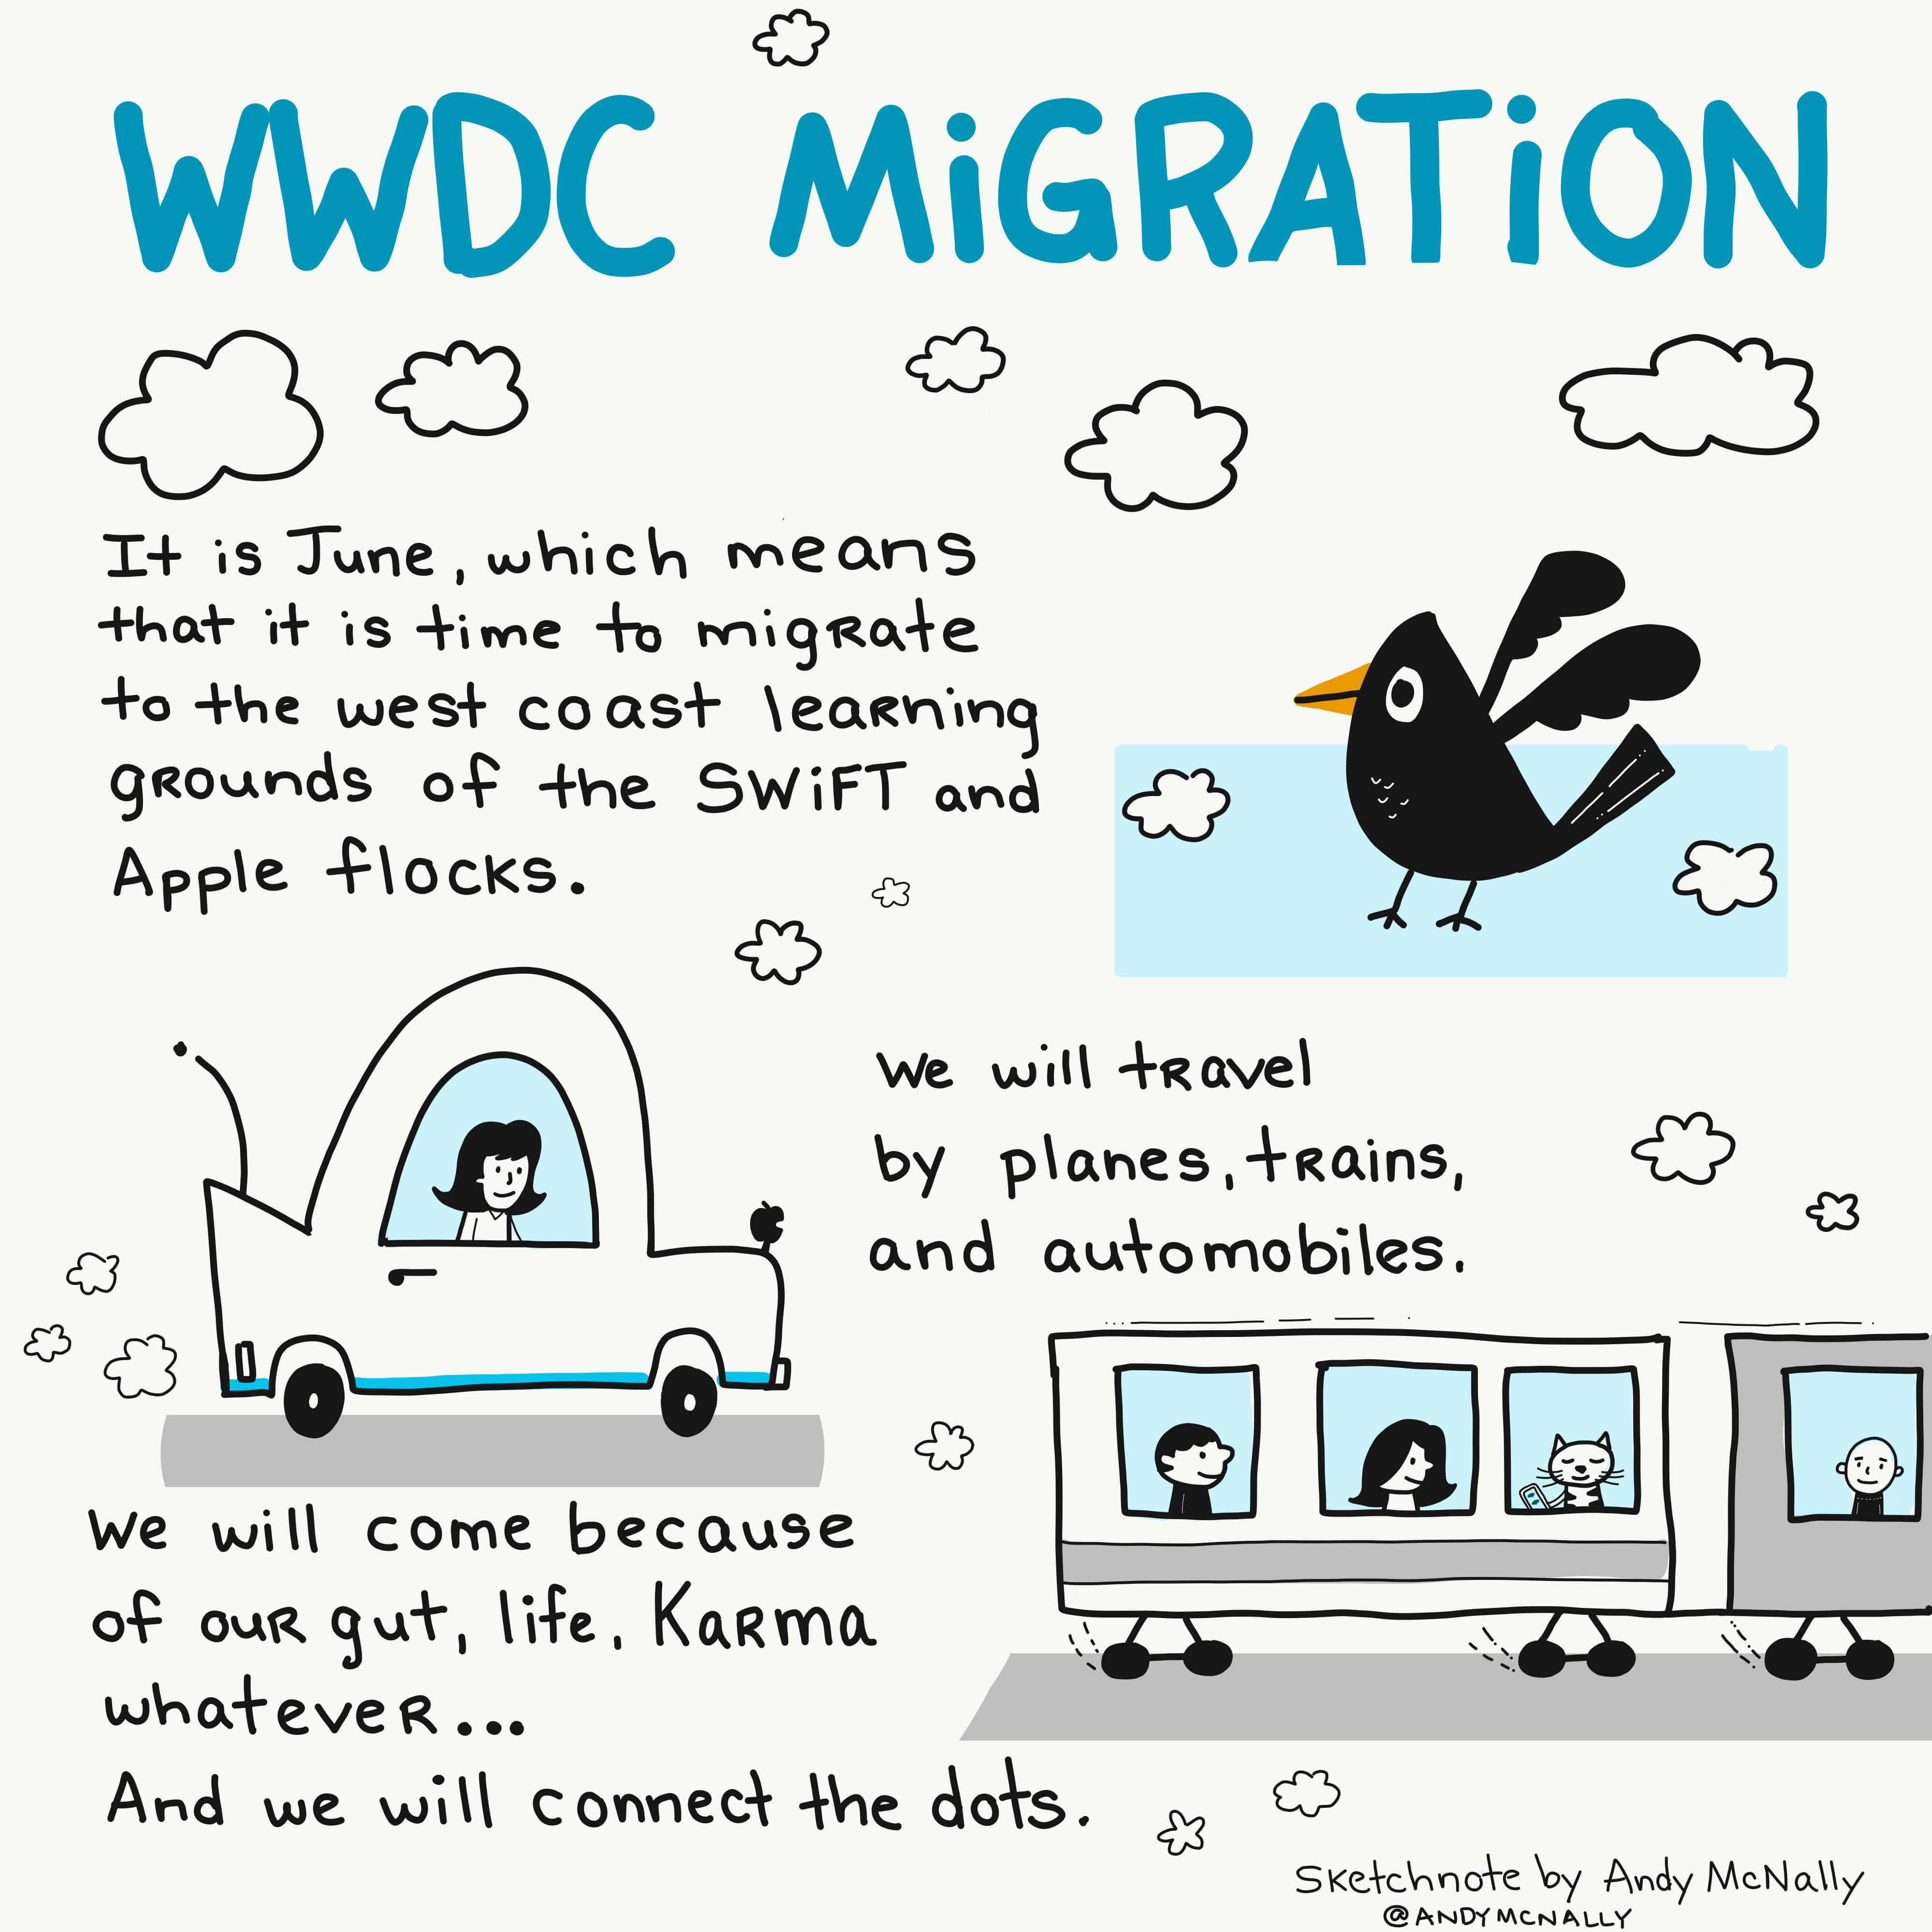 WWDC migration sketchnote